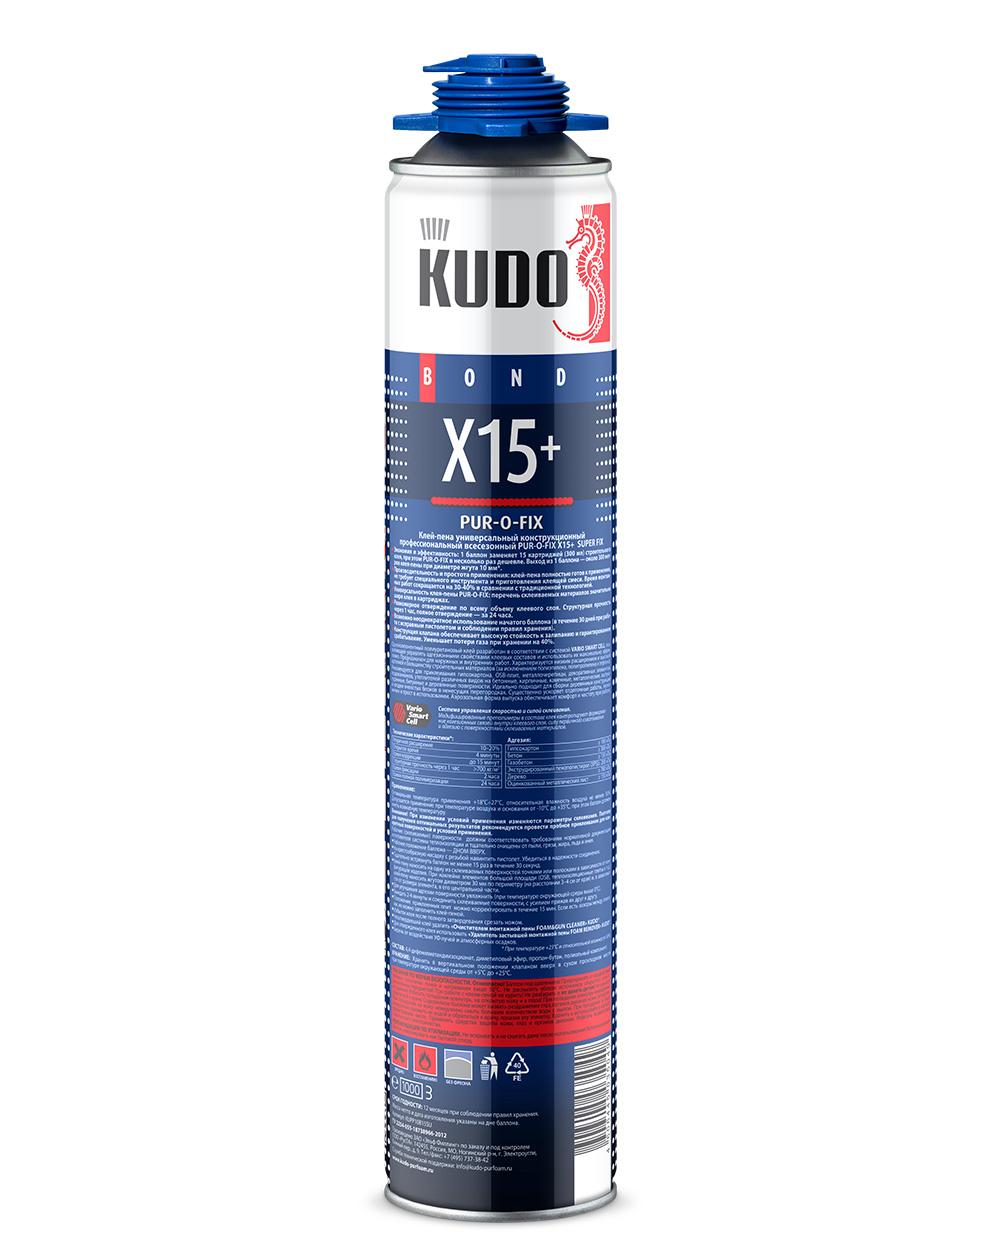 KUDO PUR-O-FIX X15+ SUPER FIX